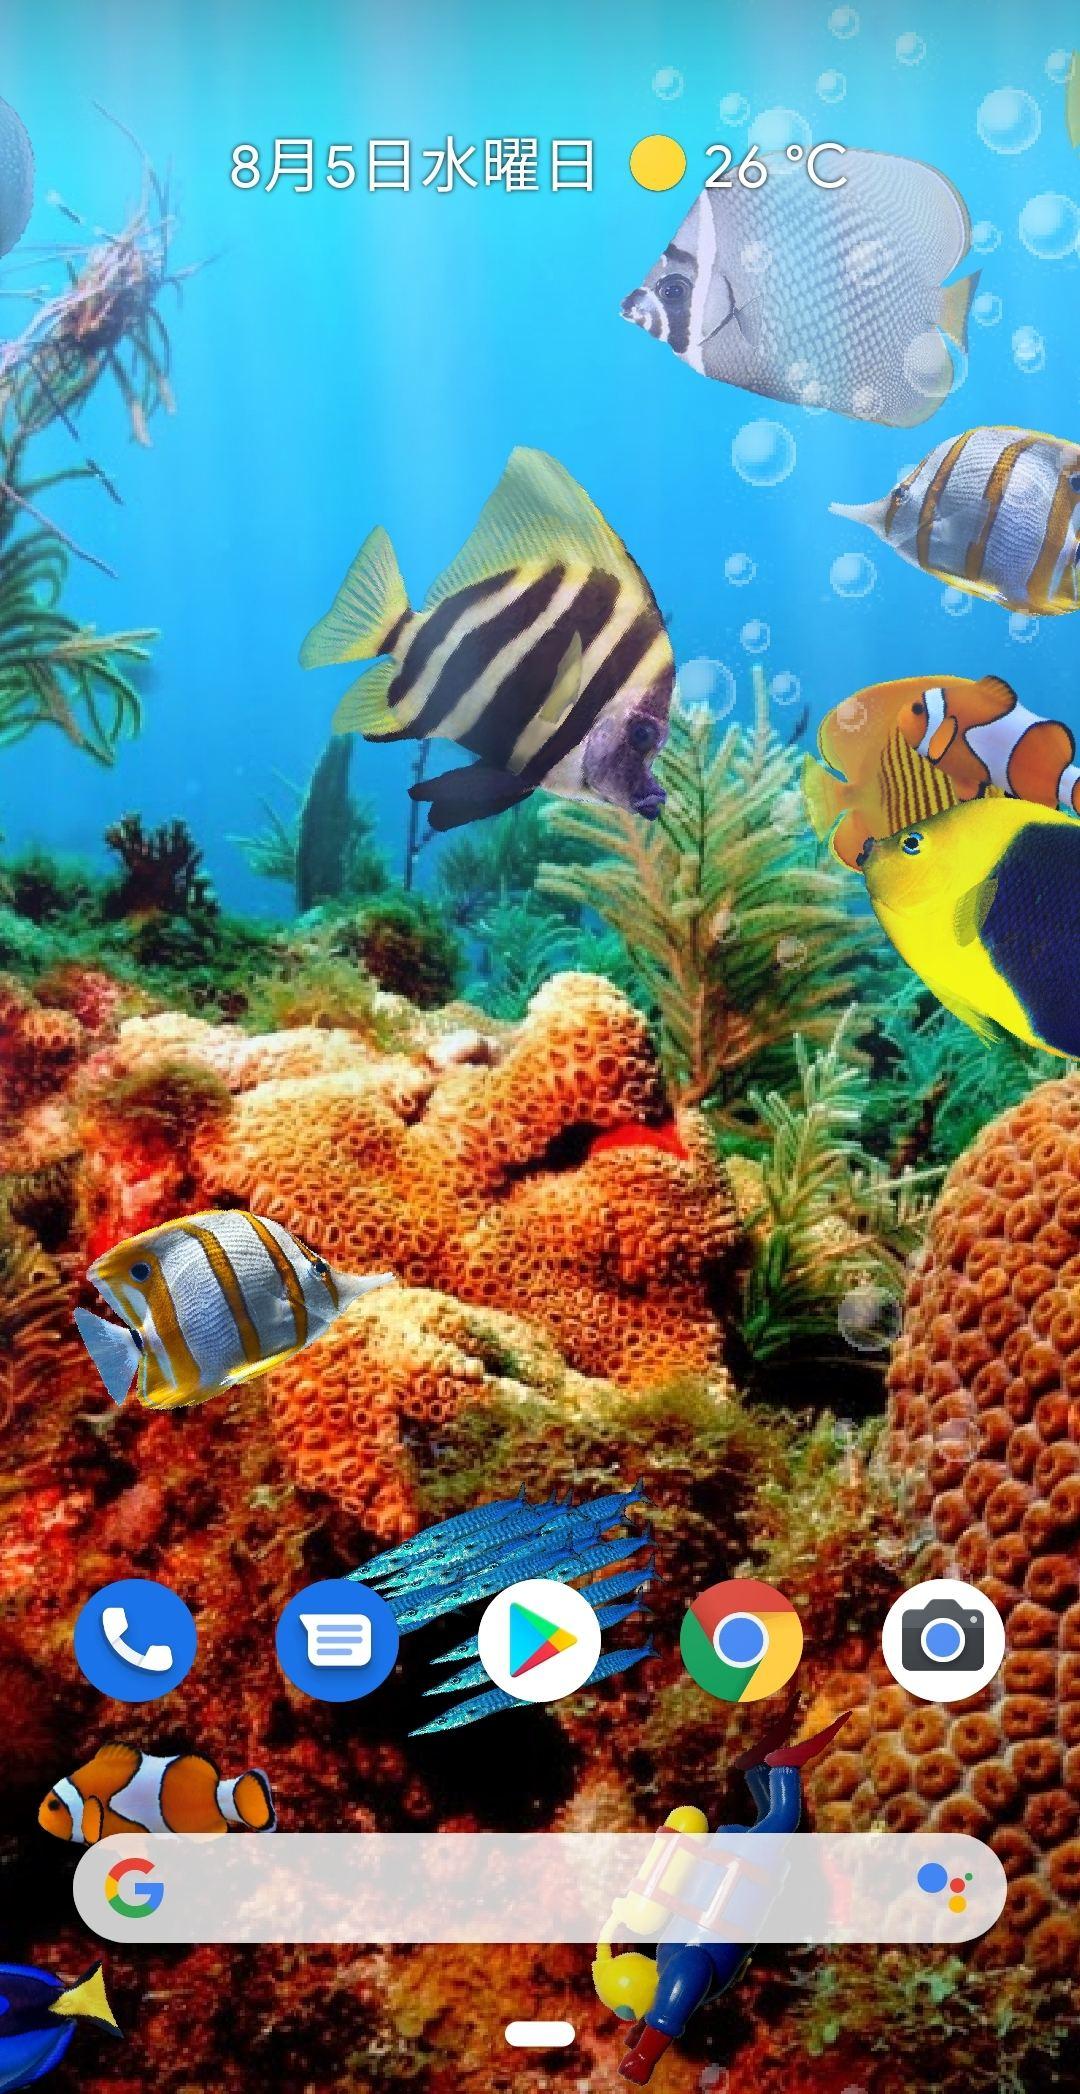 毎日がアプリディ 熱帯魚をスマホで飼う 本物の水槽 ライブ壁紙 マイナビニュース